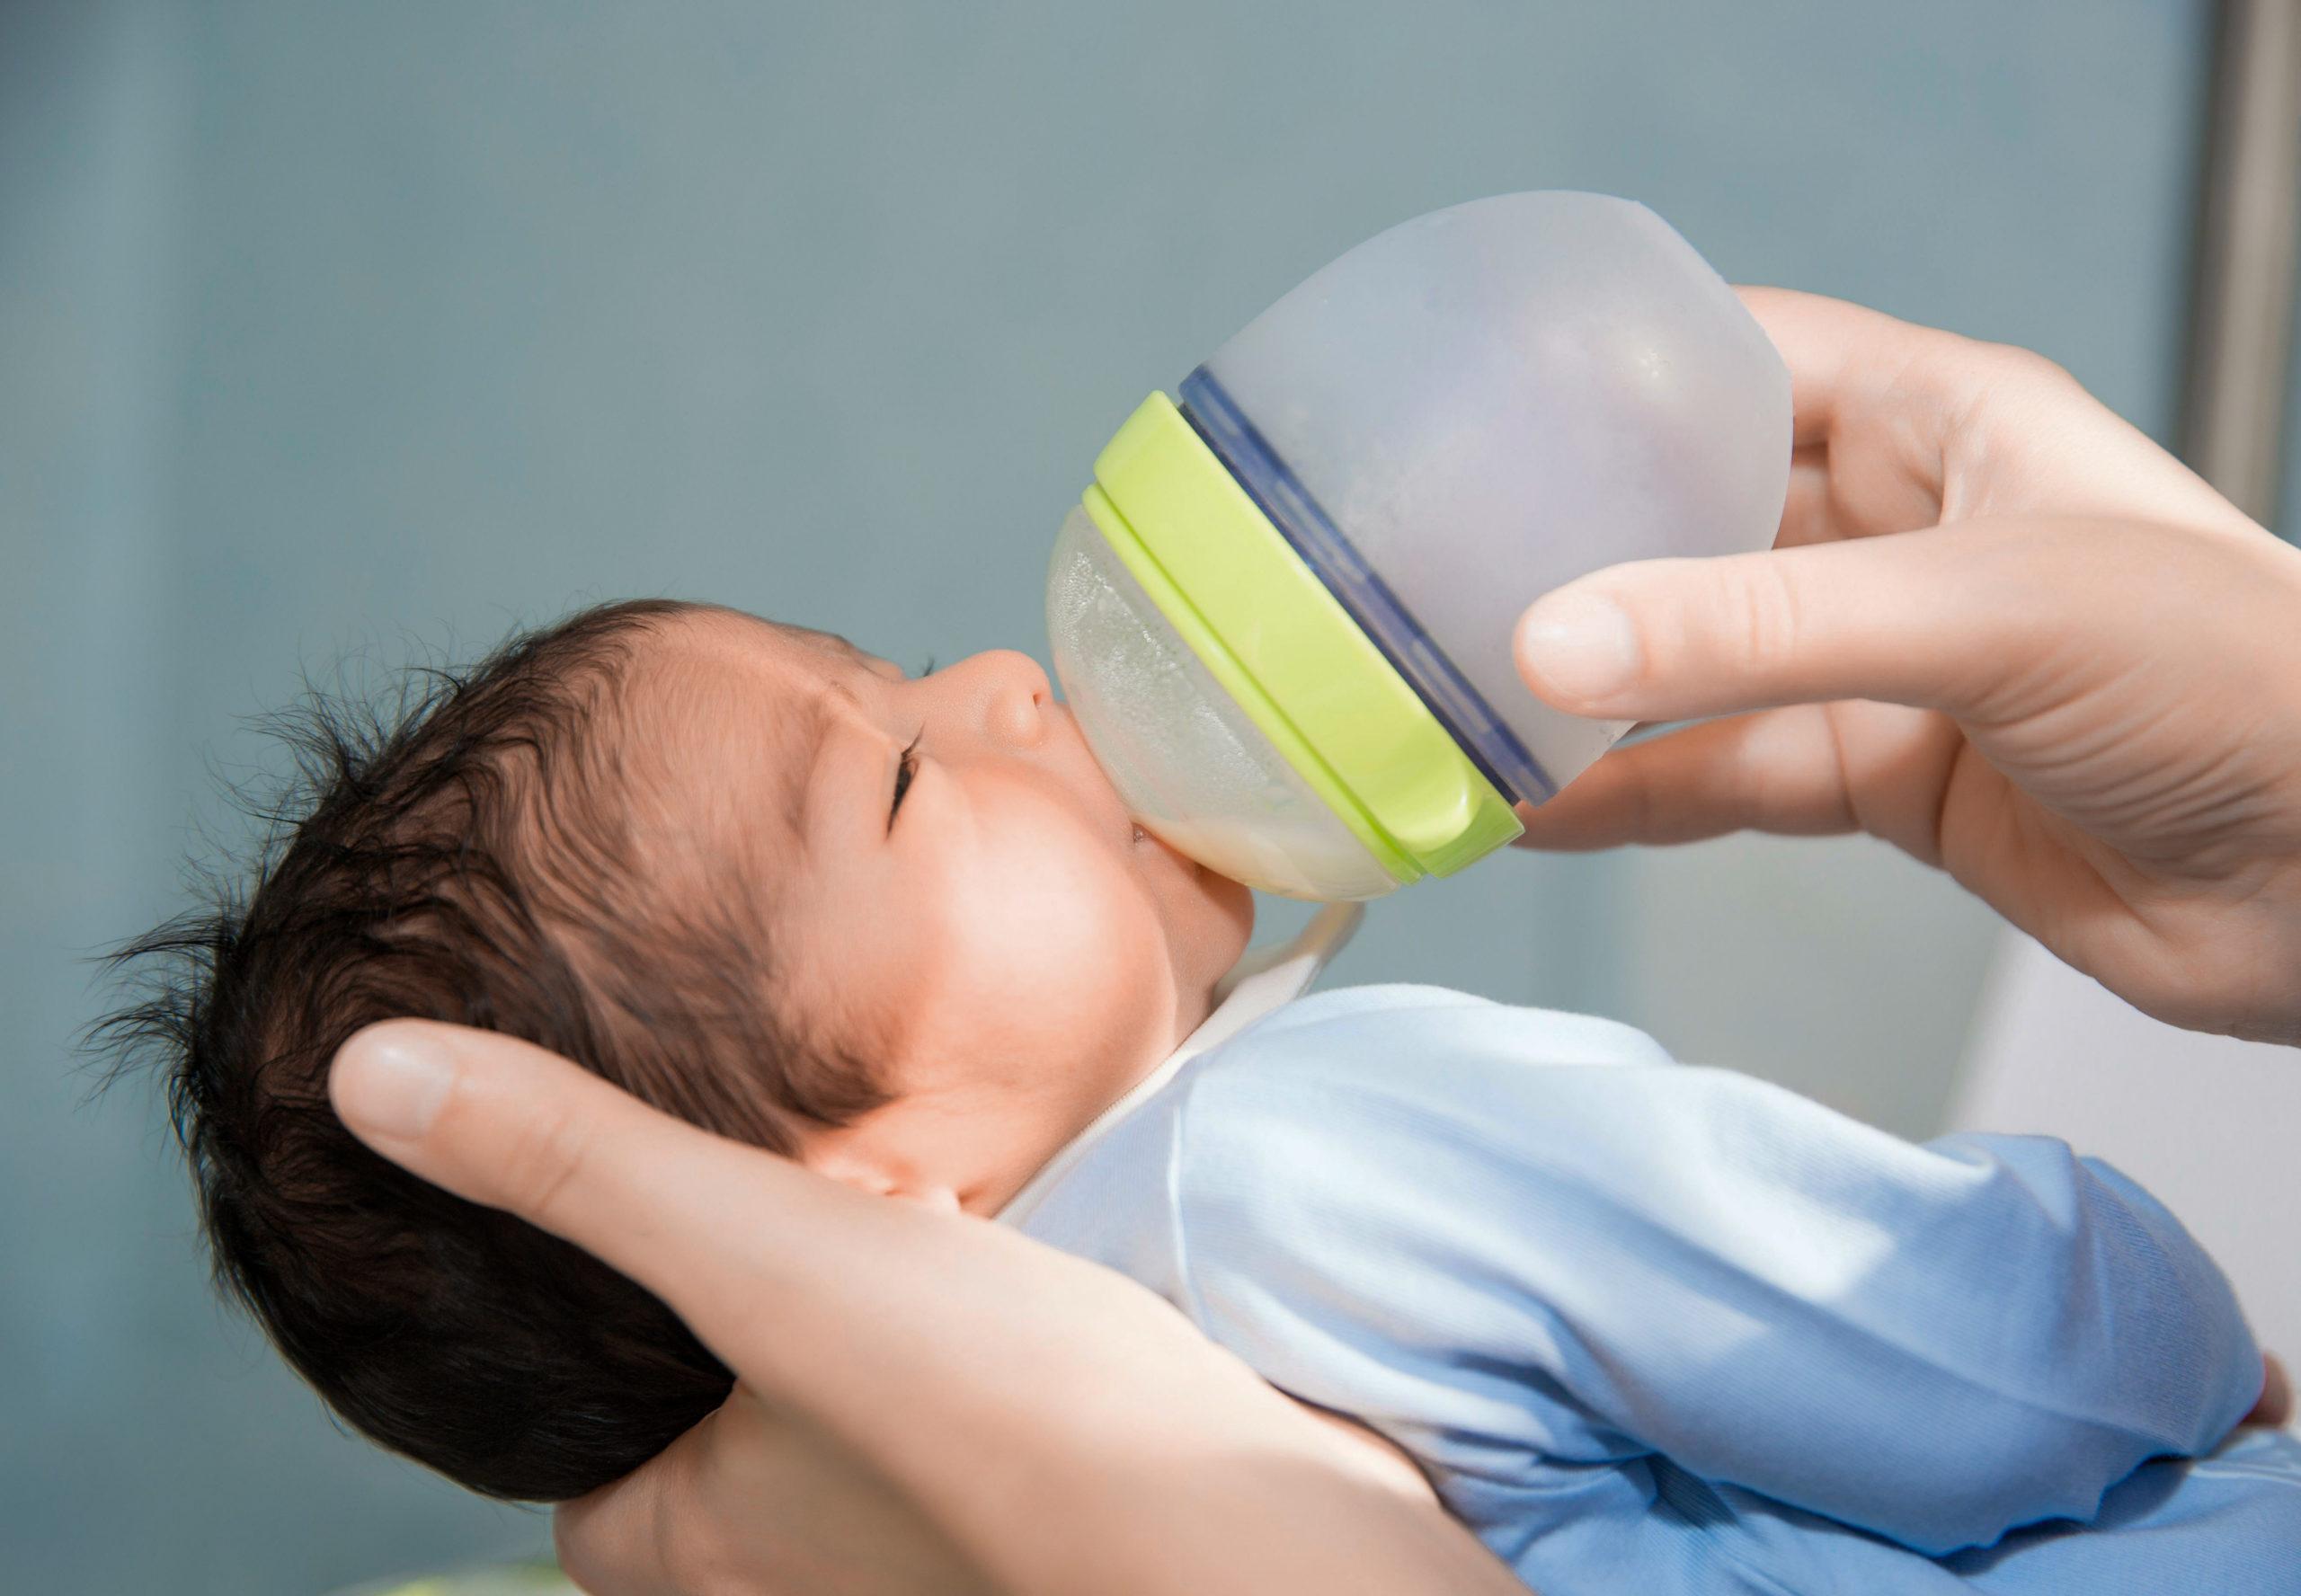 Comment sevrer mon bébé de l'allaitement, du sein au biberon ? Comment sevrer mon bébé de l'allaitement, du sein au biberon ?